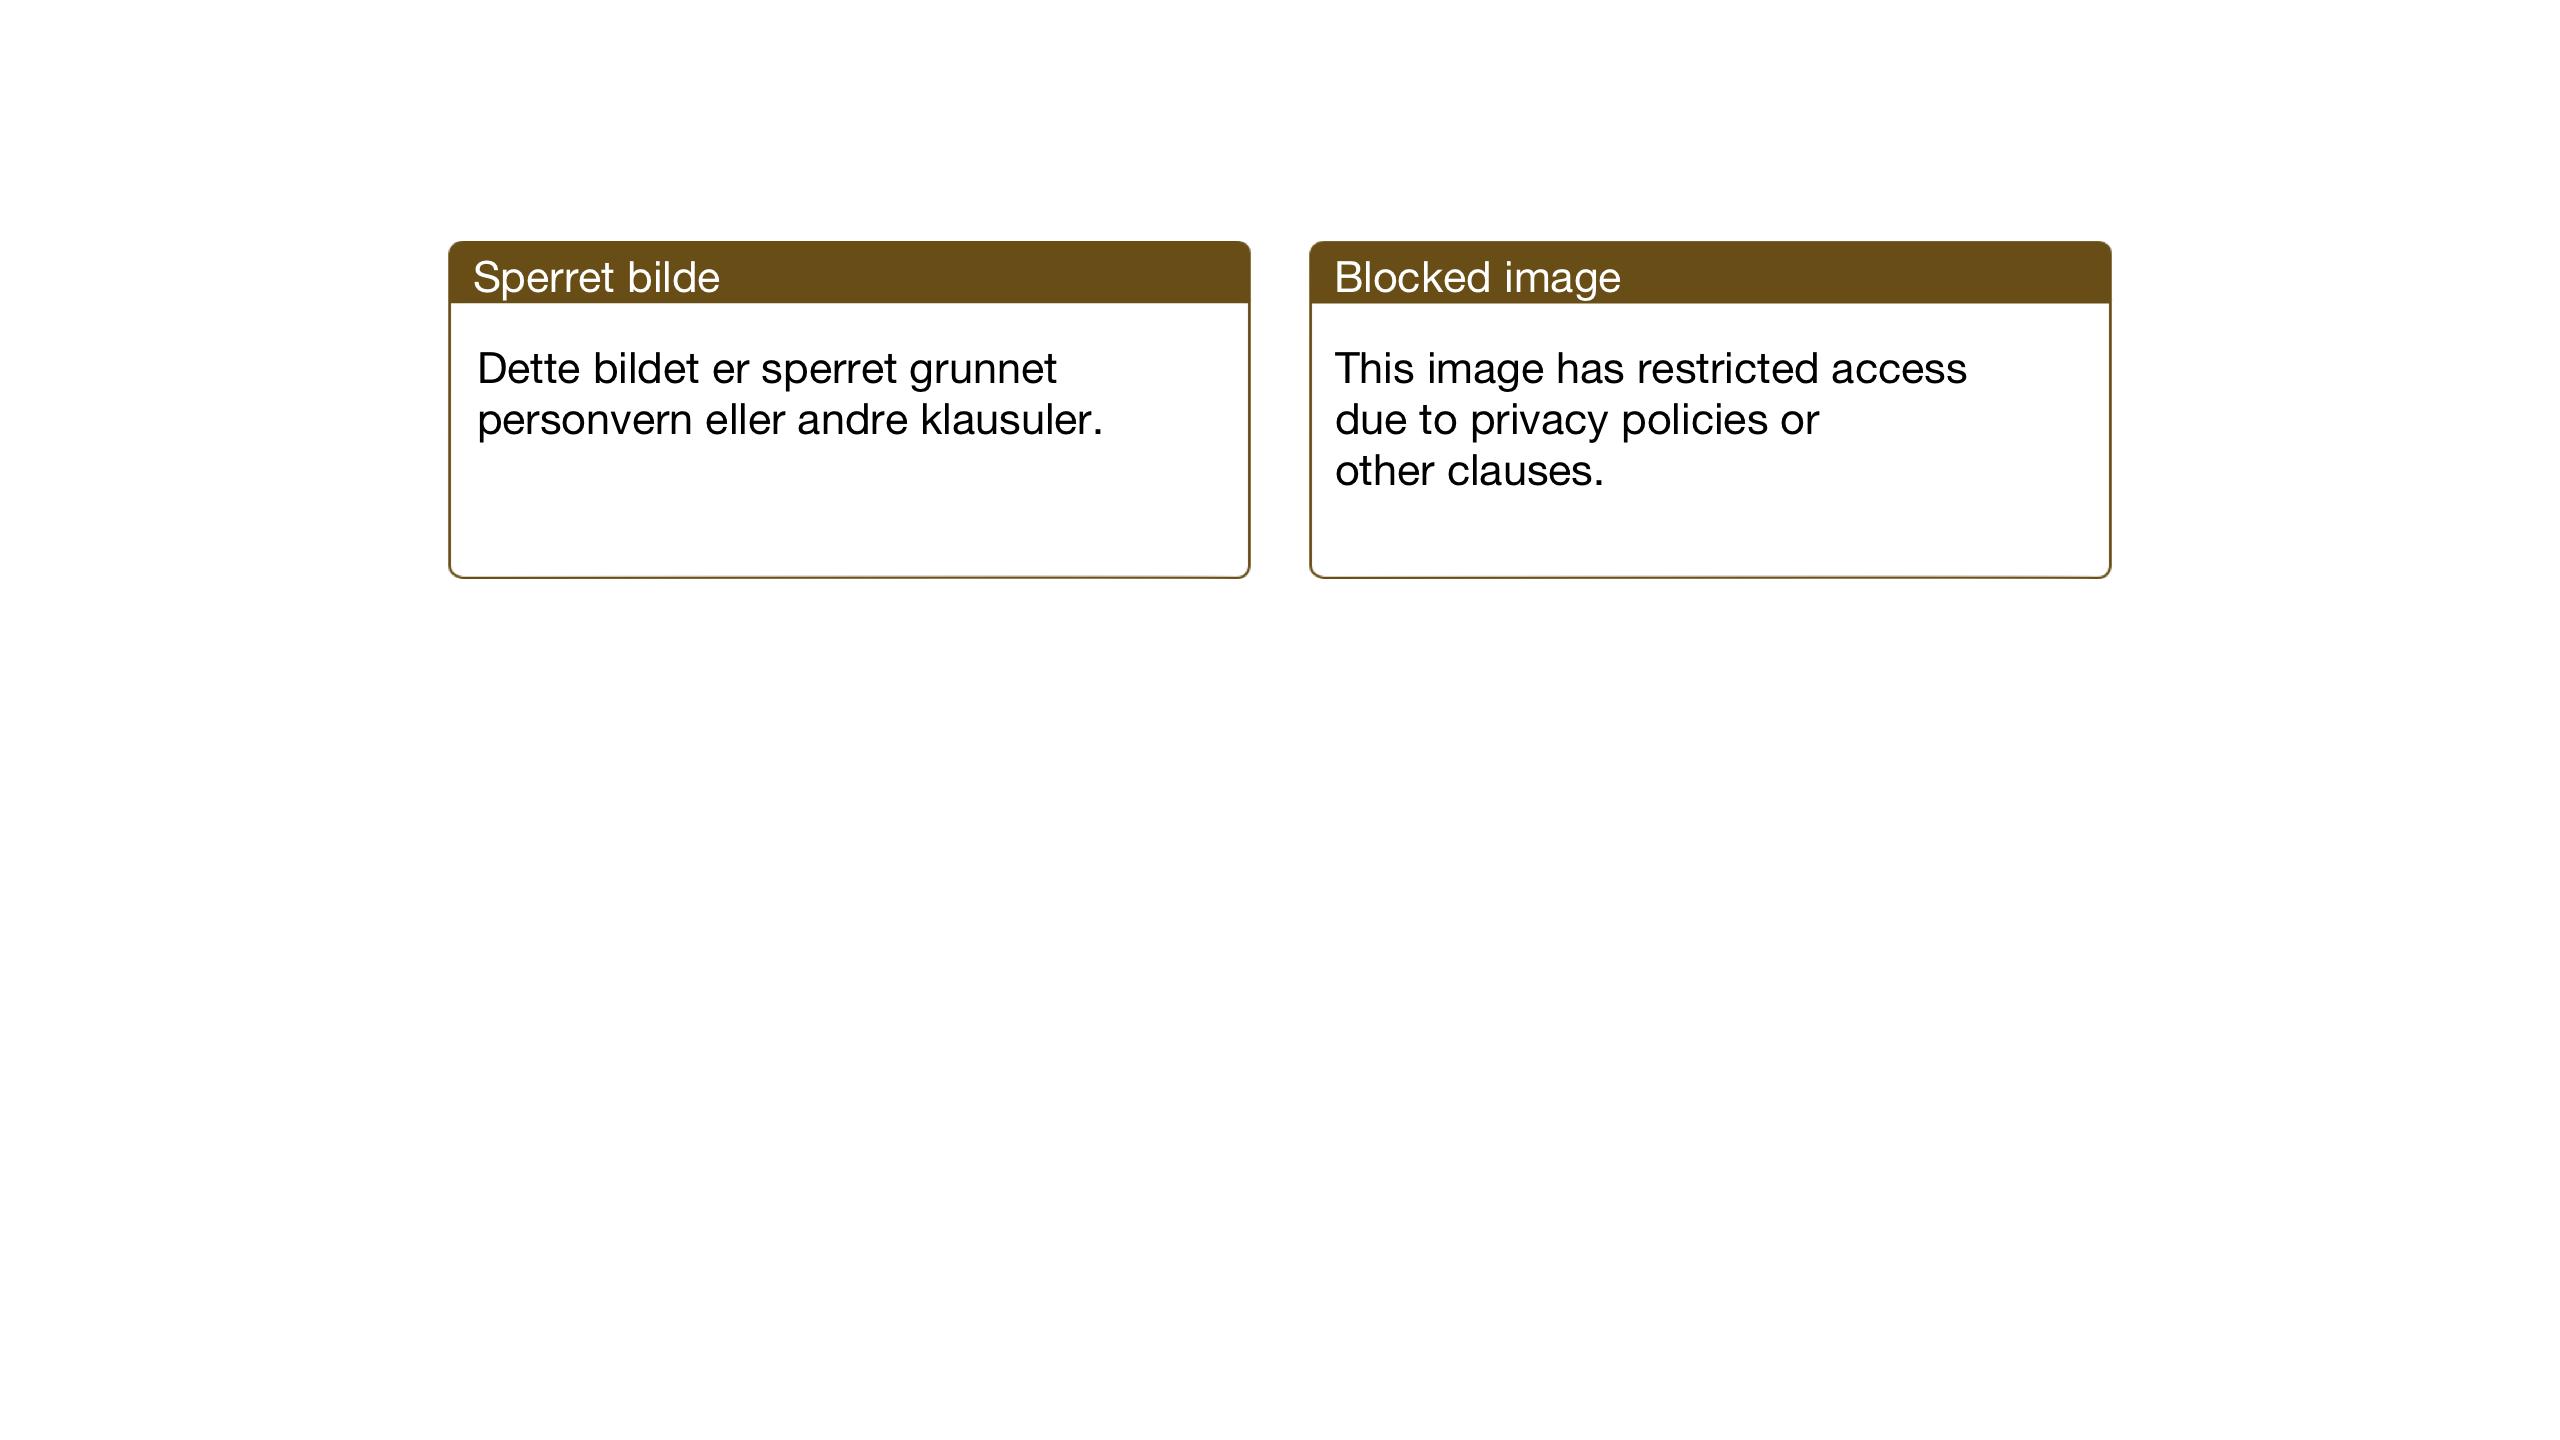 SAT, Ministerialprotokoller, klokkerbøker og fødselsregistre - Nord-Trøndelag, 748/L0465: Klokkerbok nr. 748C01, 1908-1960, s. 27